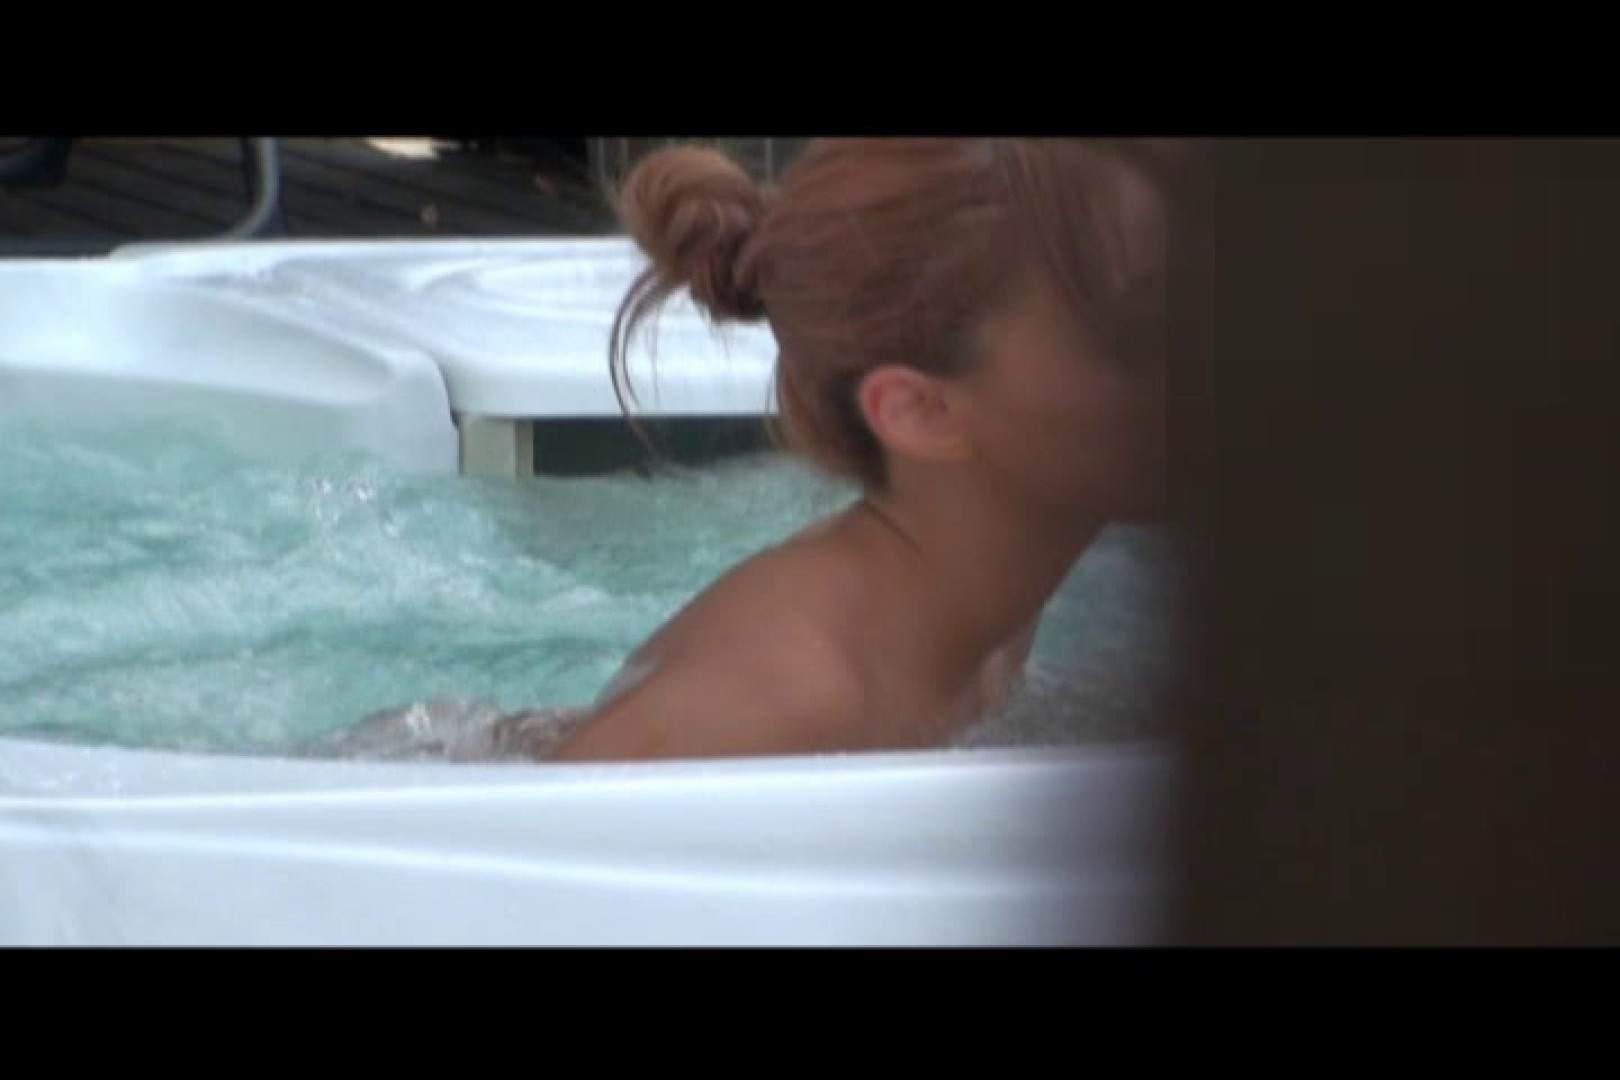 貸切露天 発情カップル! vol.05 潜伏露天風呂 覗き性交動画流出 55pic 8